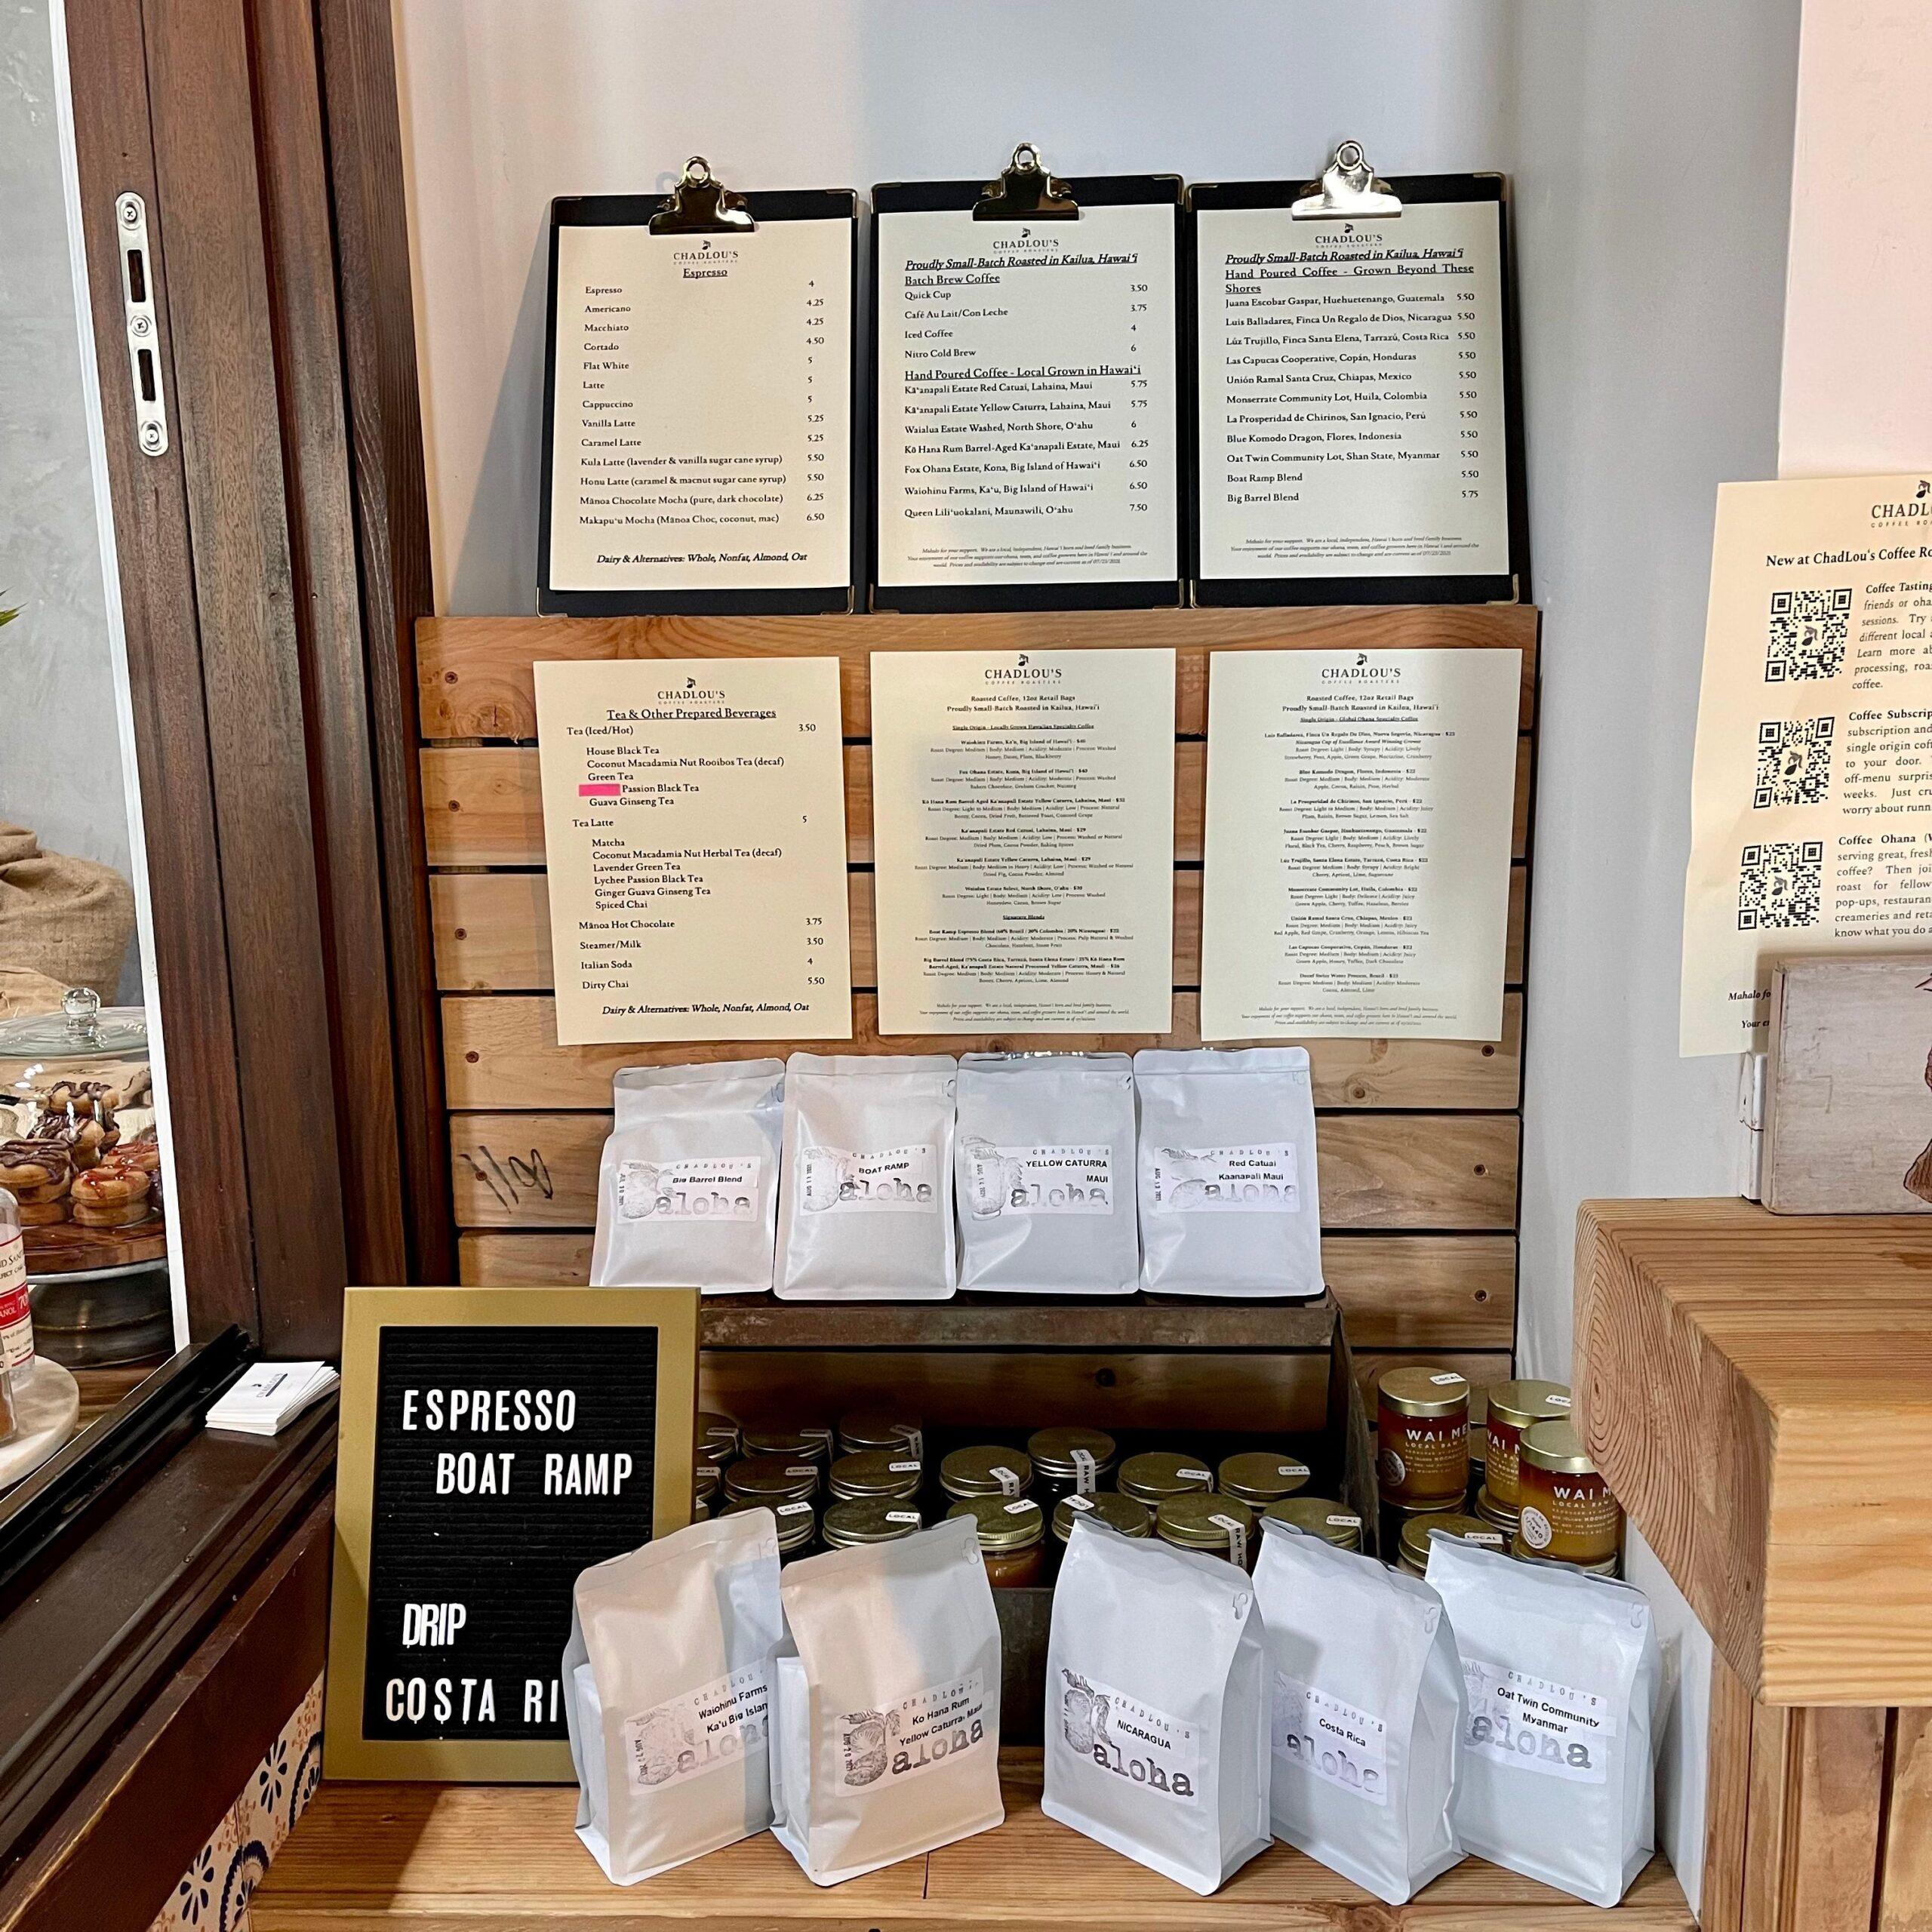 ハワイ グルメ カフェ フード ハワイカフェ HAWAII CHADLOU'S COFFEE ROASTERS